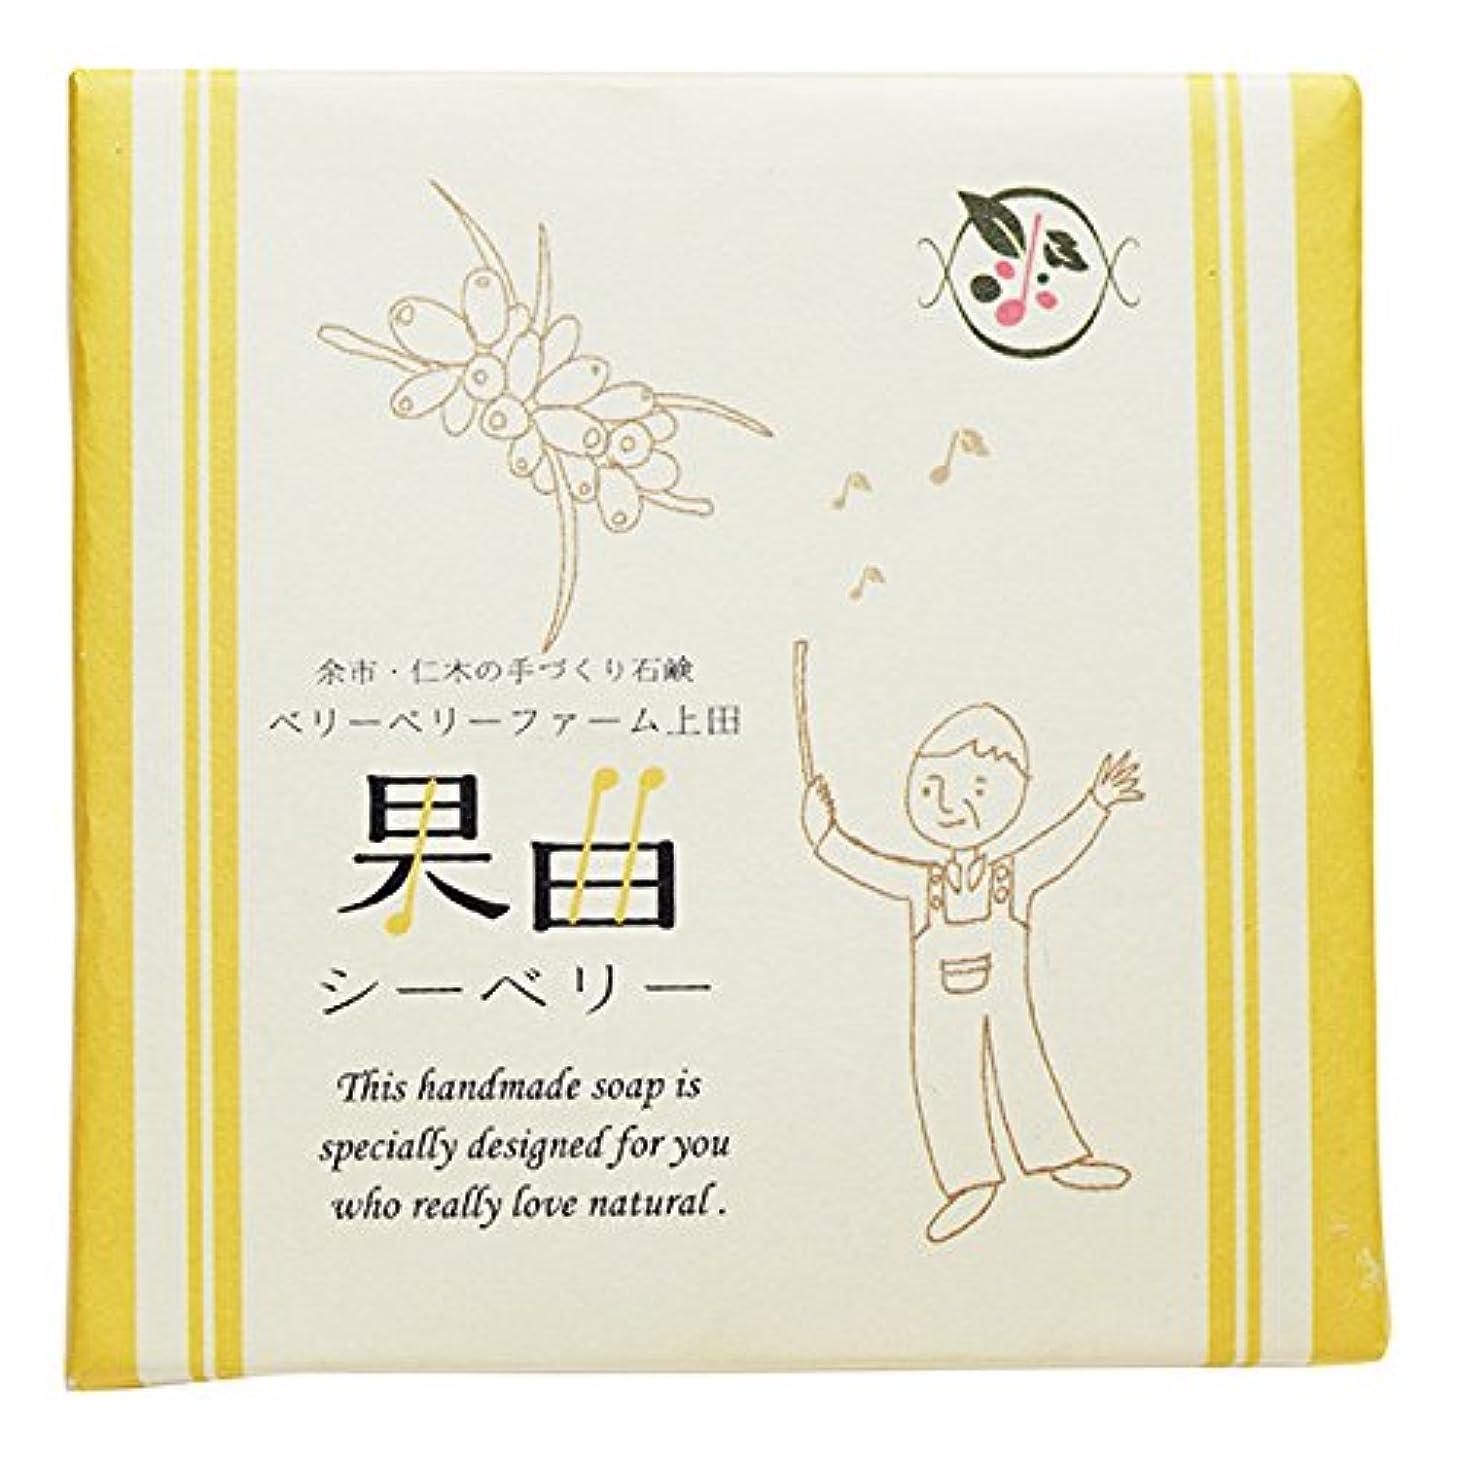 マイコン争う空港余市町仁木のベリーベリーファーム上田との共同開発 果曲(シーベリー)純練り石鹸